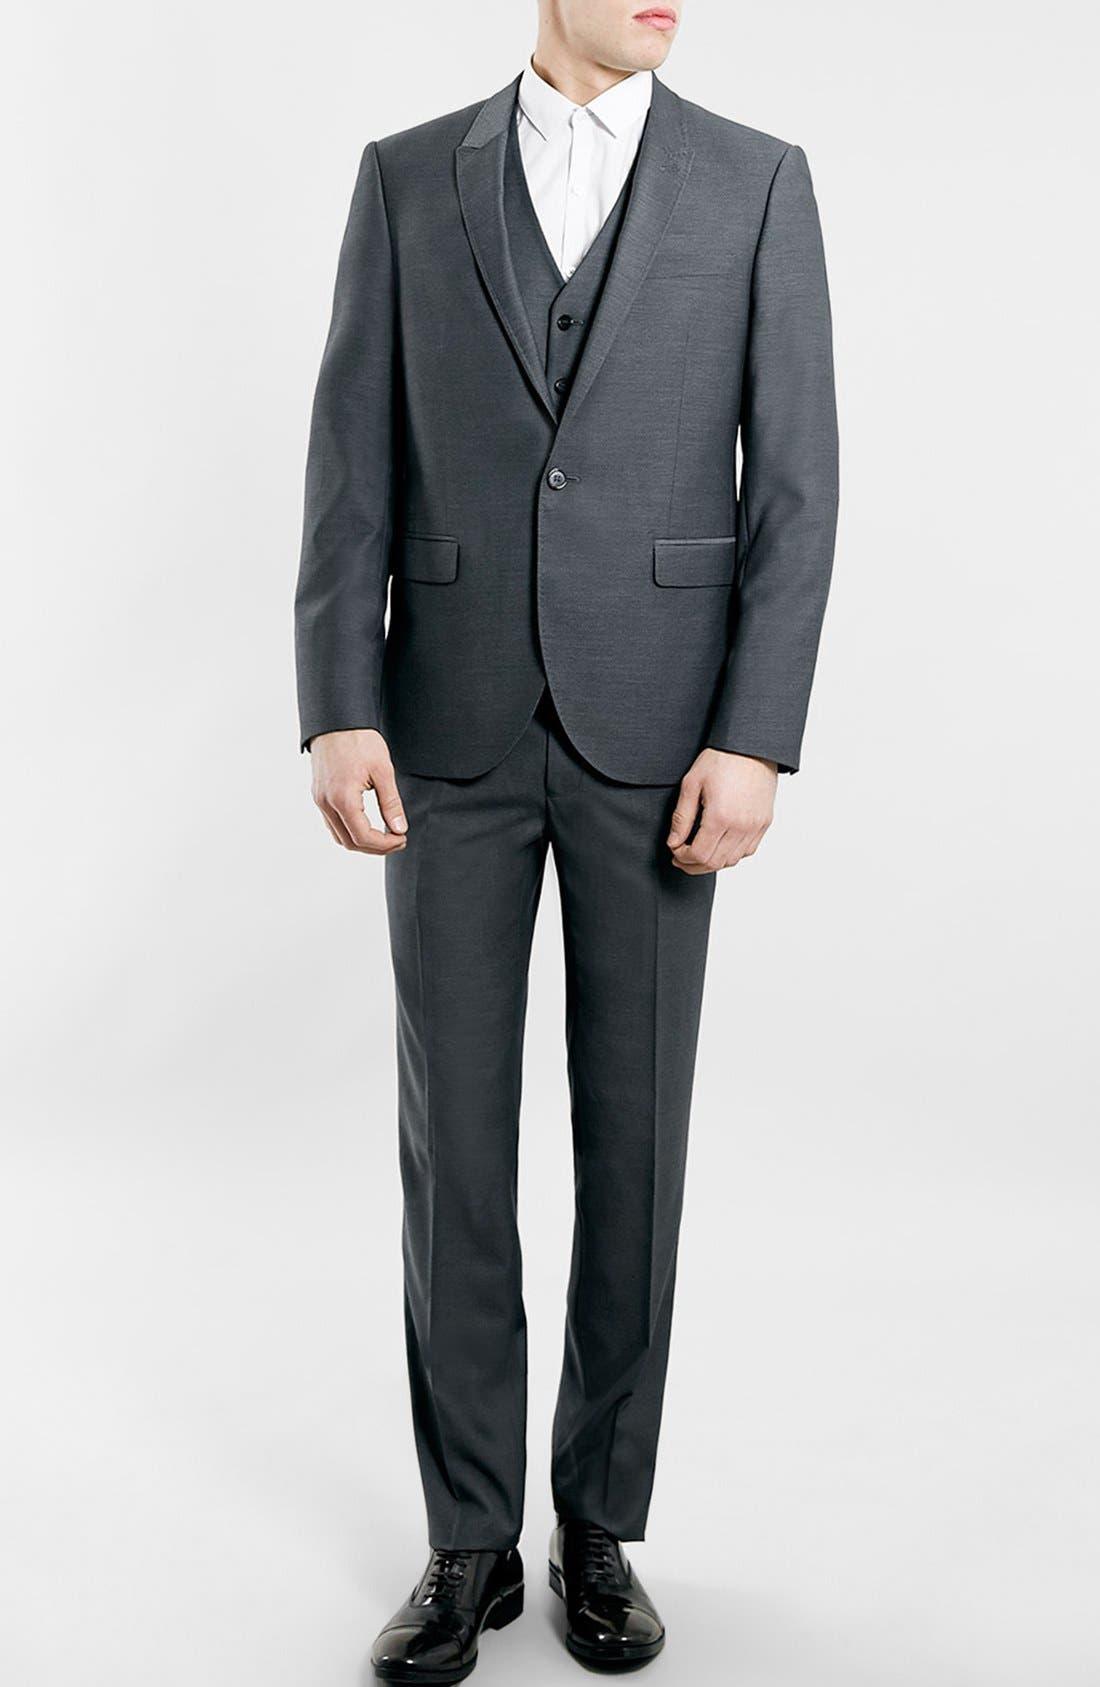 TOPMAN, Slim Fit Grey Diamond Texture Suit Jacket, Alternate thumbnail 5, color, 020